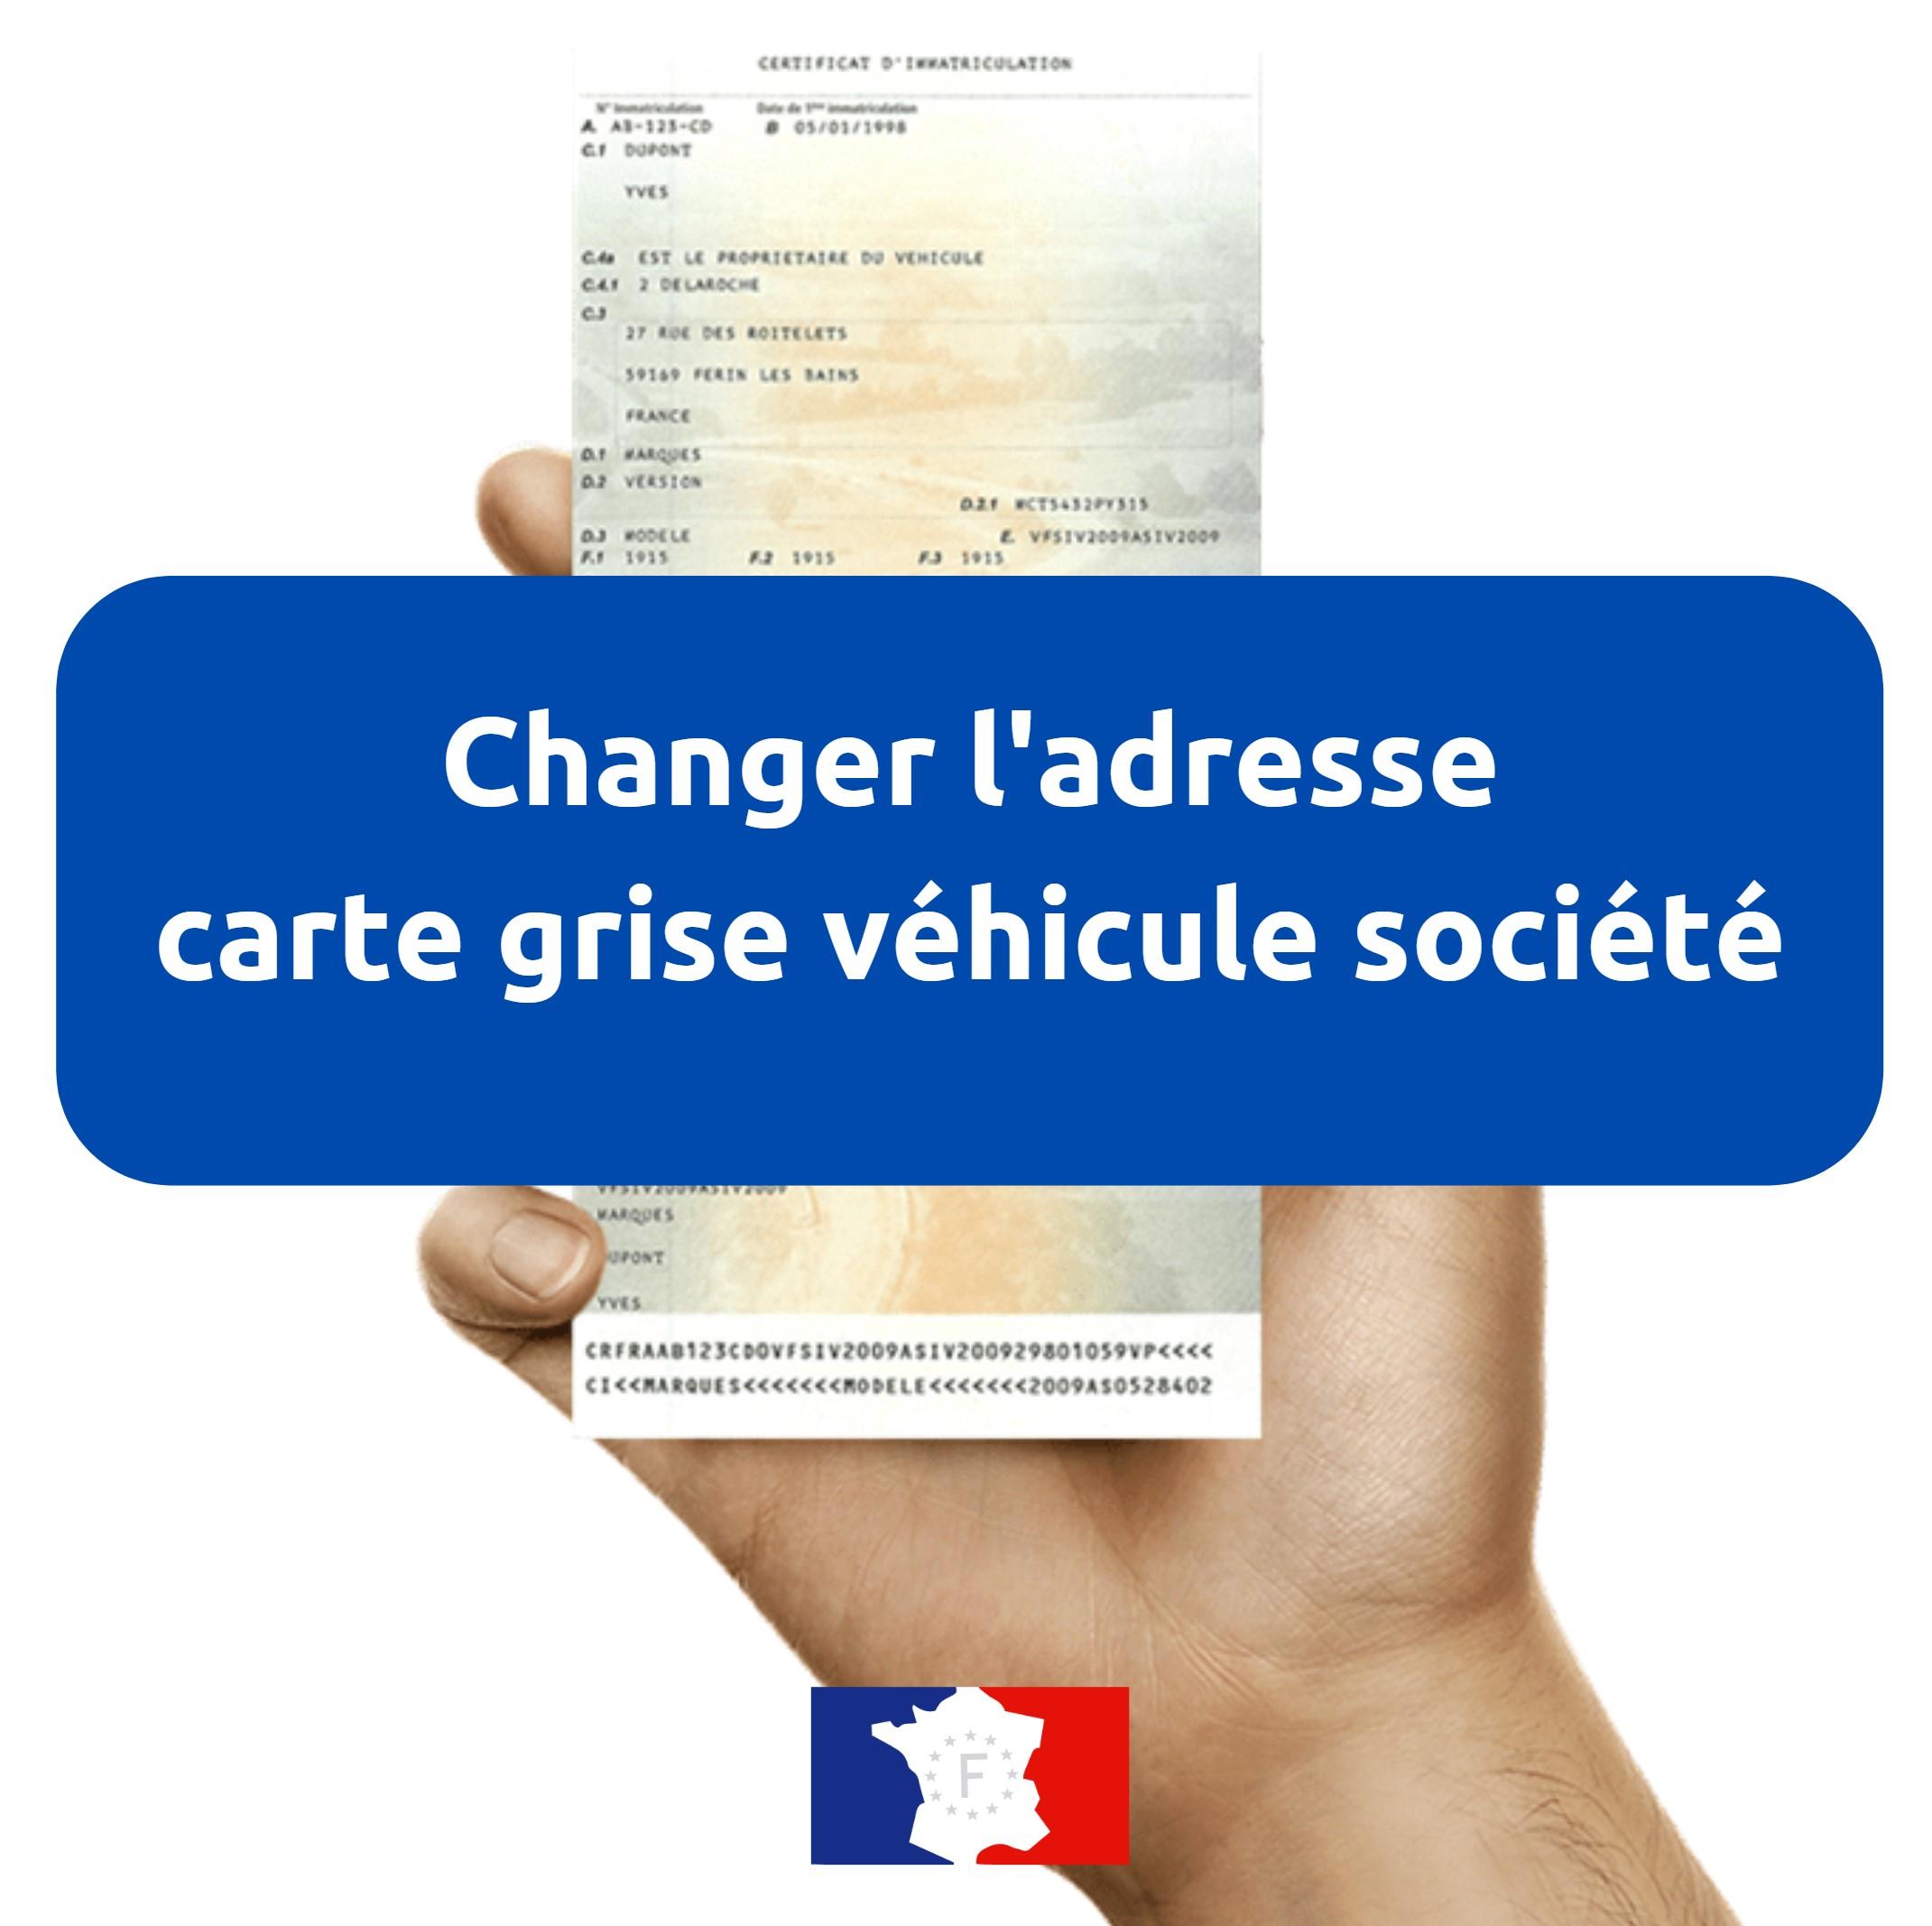 Changement adresse carte grise vehicule societe entreprise